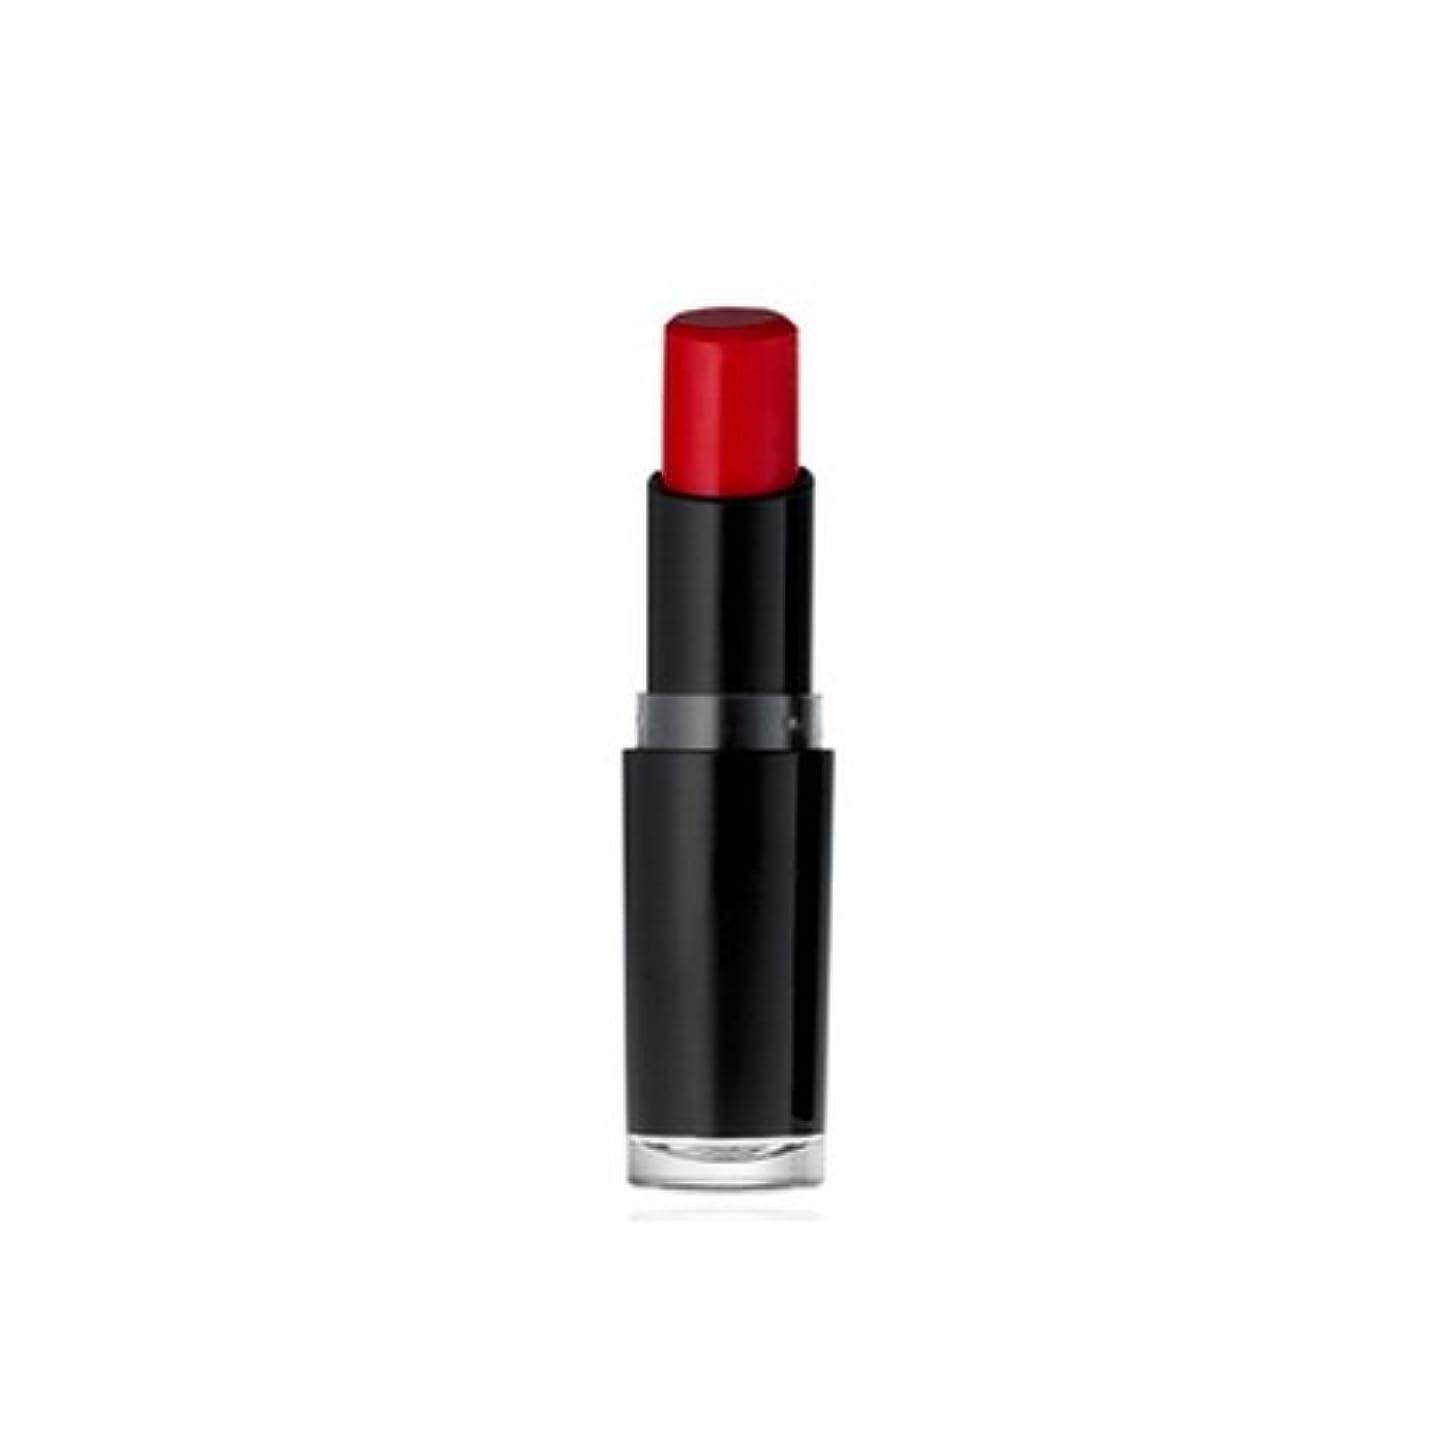 本感じる説教するWET N WILD Mega Last Matte Lip Cover - Red Velvet (並行輸入品)